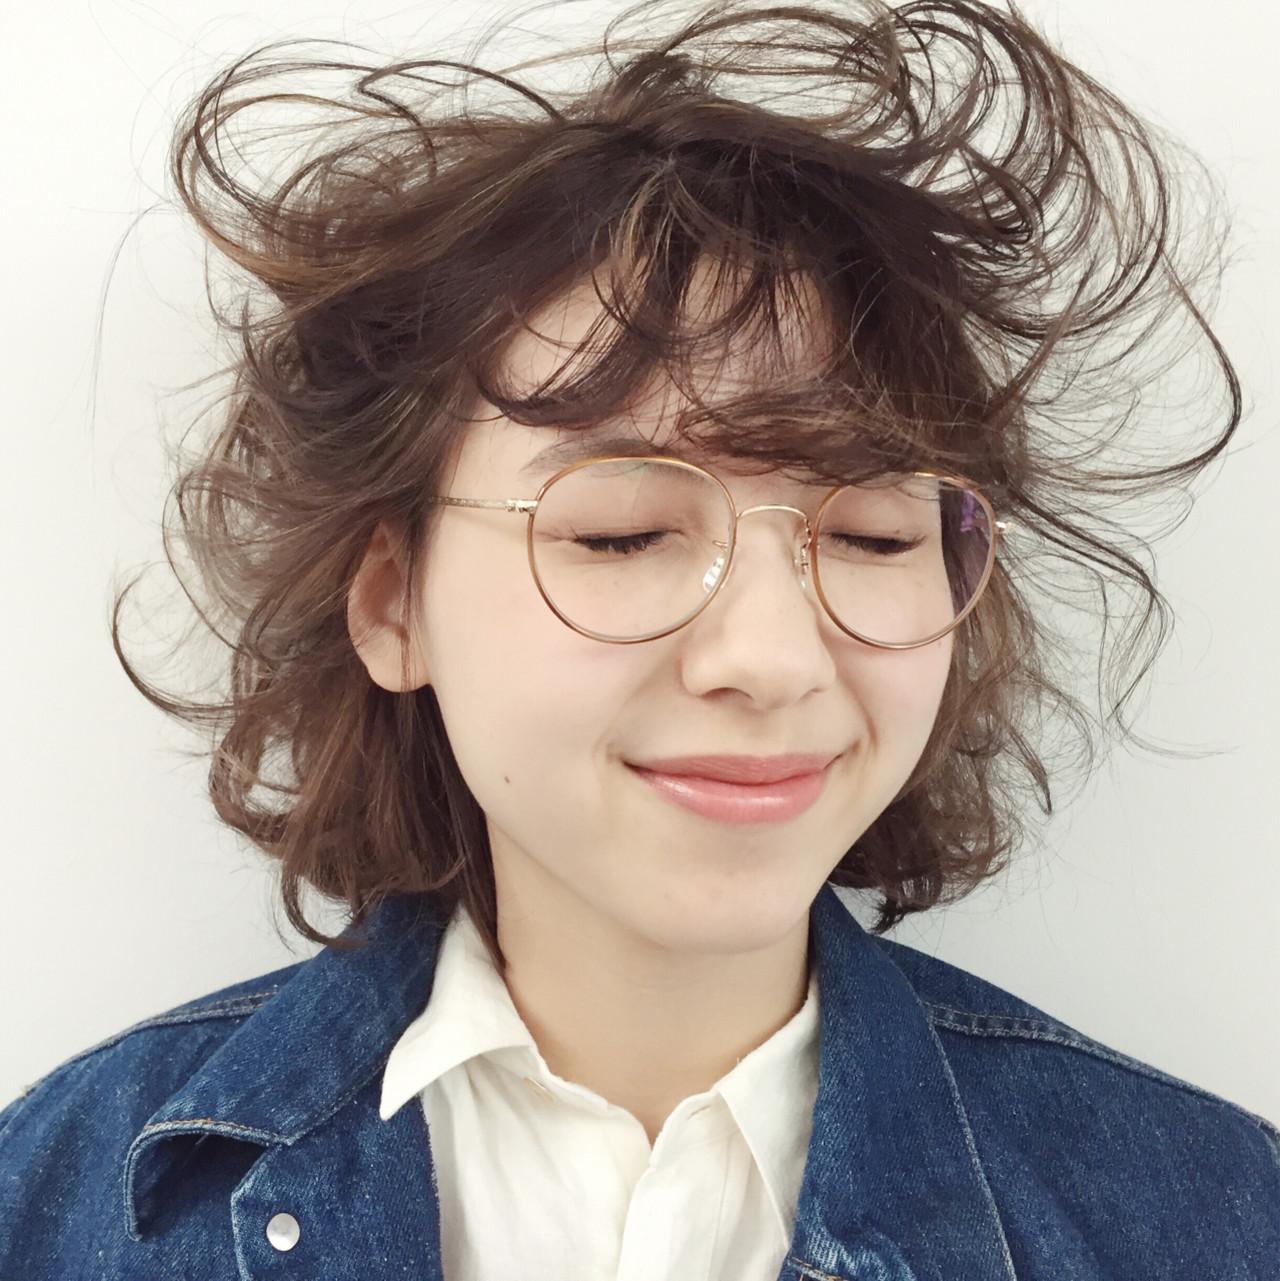 髪のお悩み相談☆「ネコっ毛でボリュームがない」女性には必須のふわふわ髪をGETしよう♡ 山下 純平 / nanuk